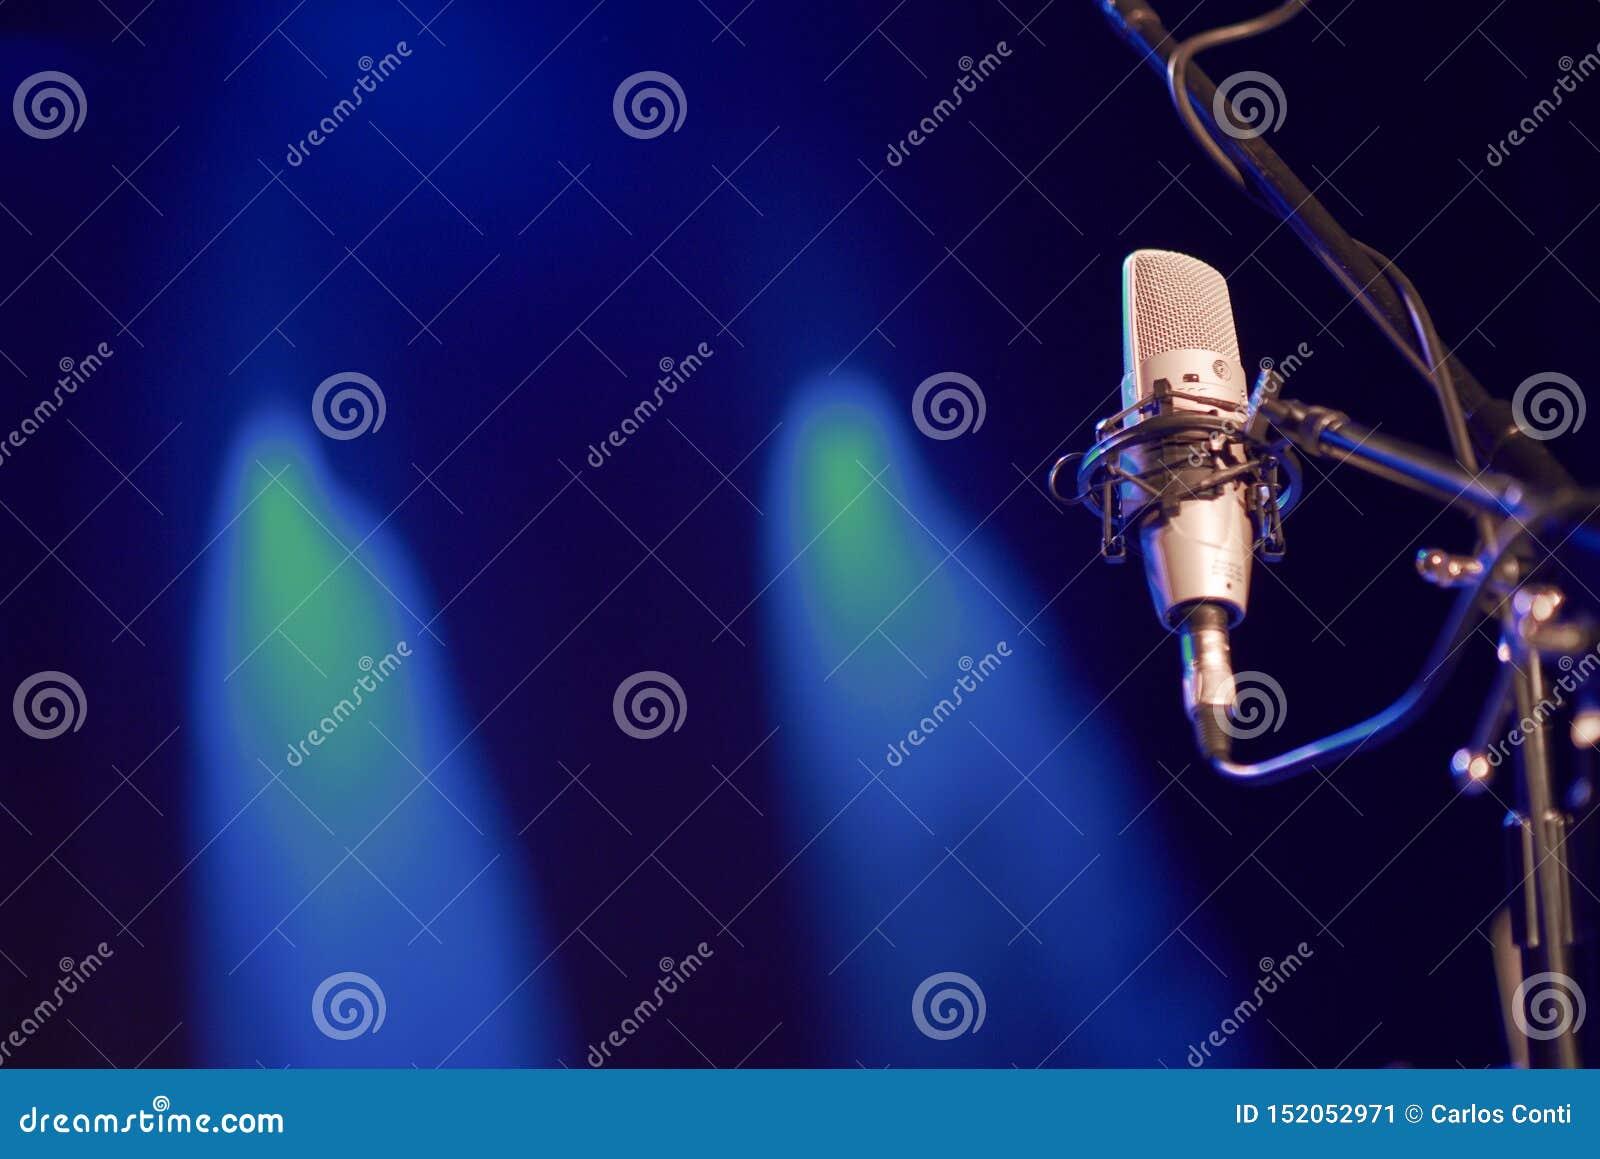 Sprachmikrofon auf einem Stadium mit Hintergrundlichtern